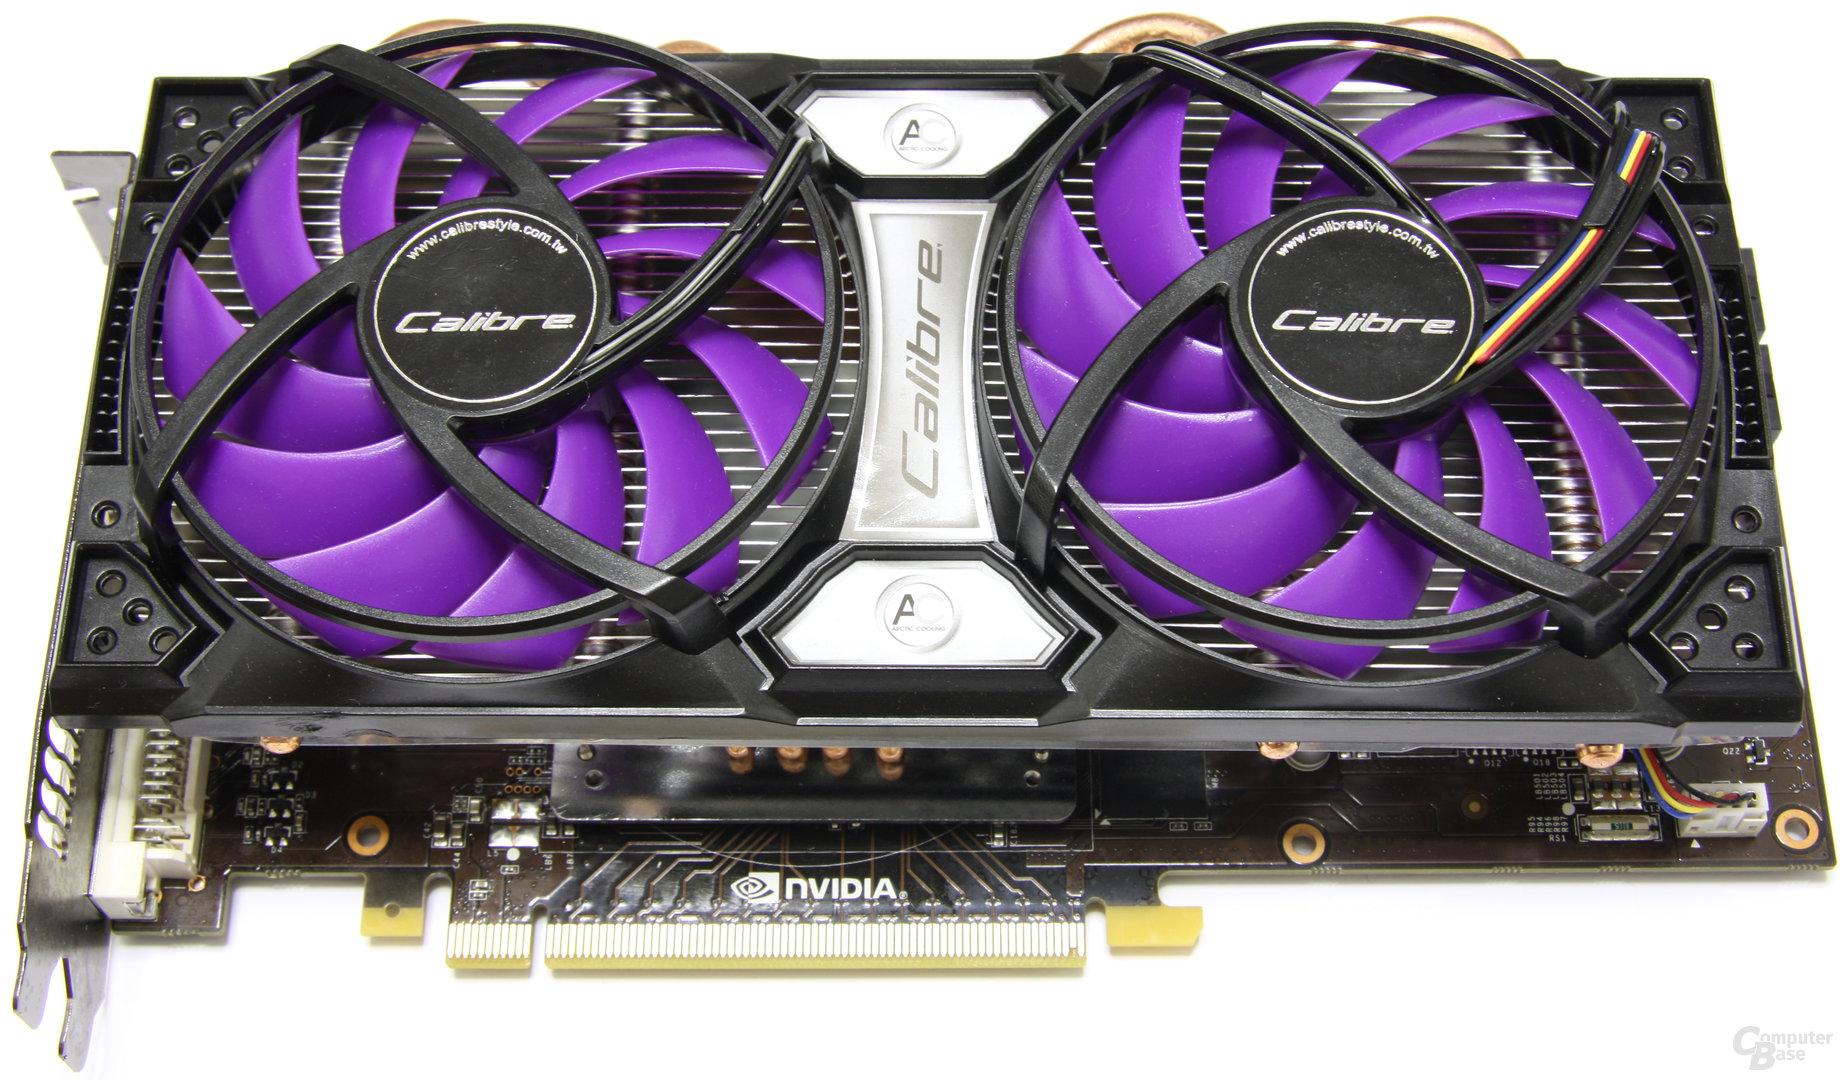 Sparkle Calibre GTX 560 Super OC